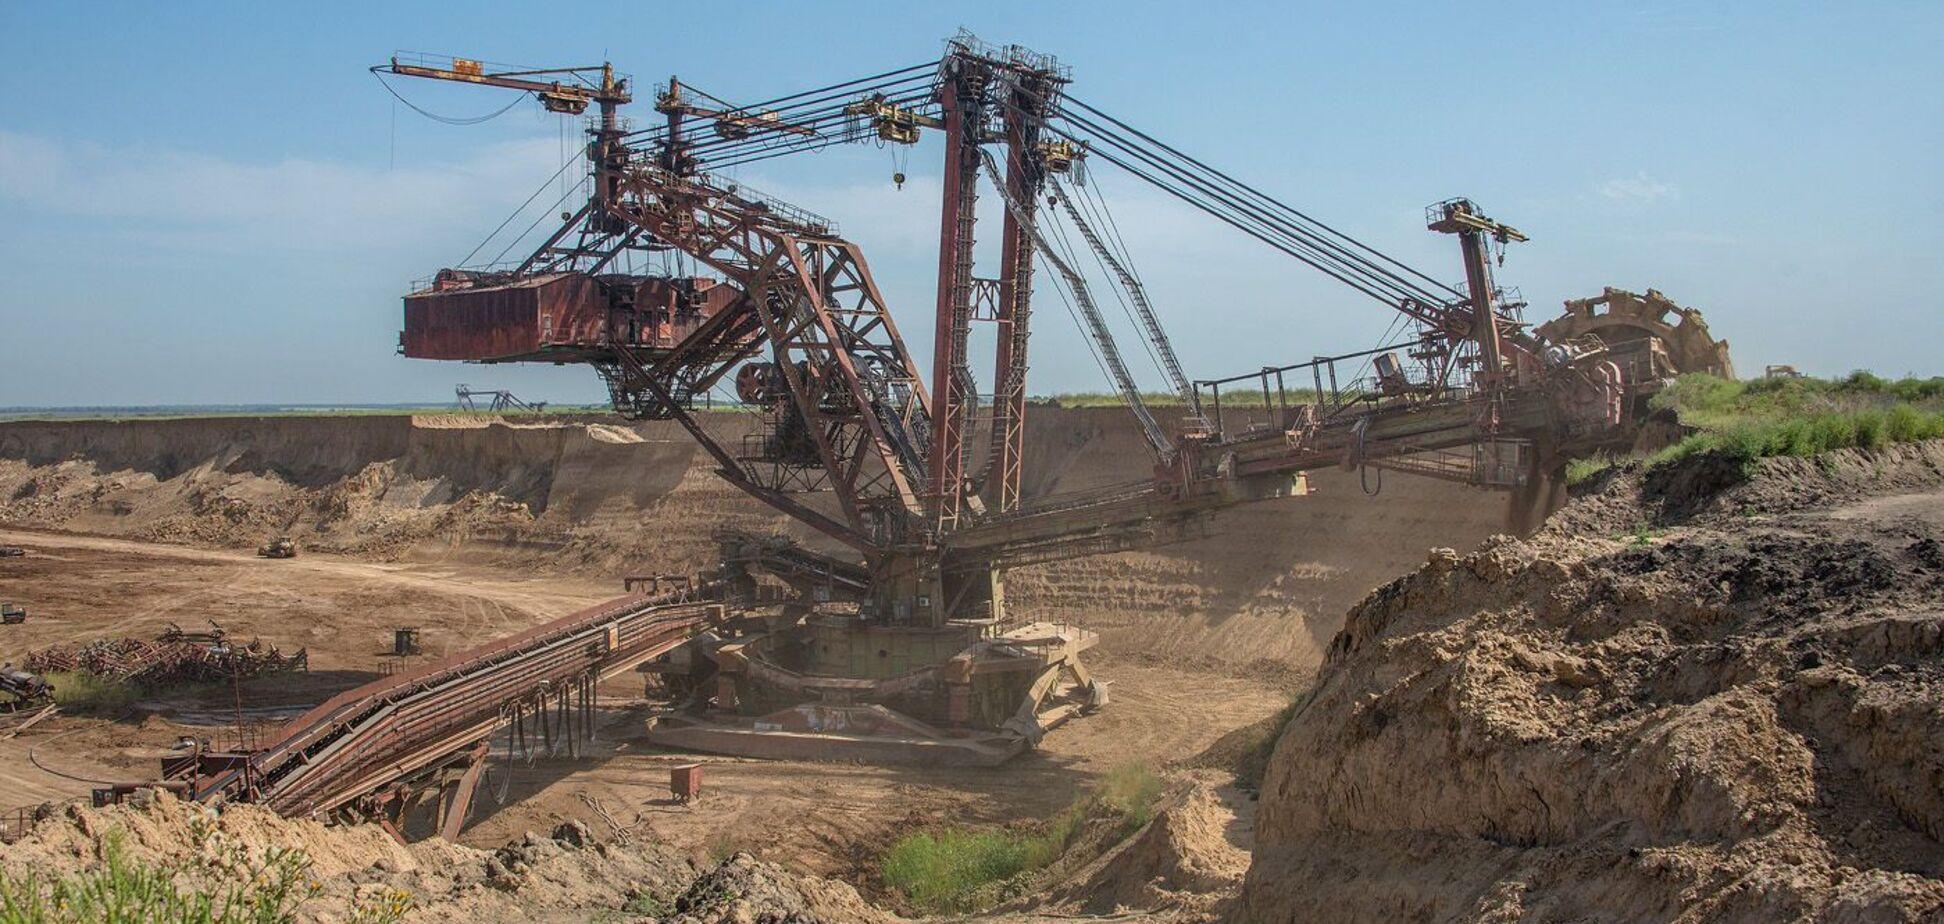 ОГХК остановила производство из-за накопленных долгов перед поставщиками